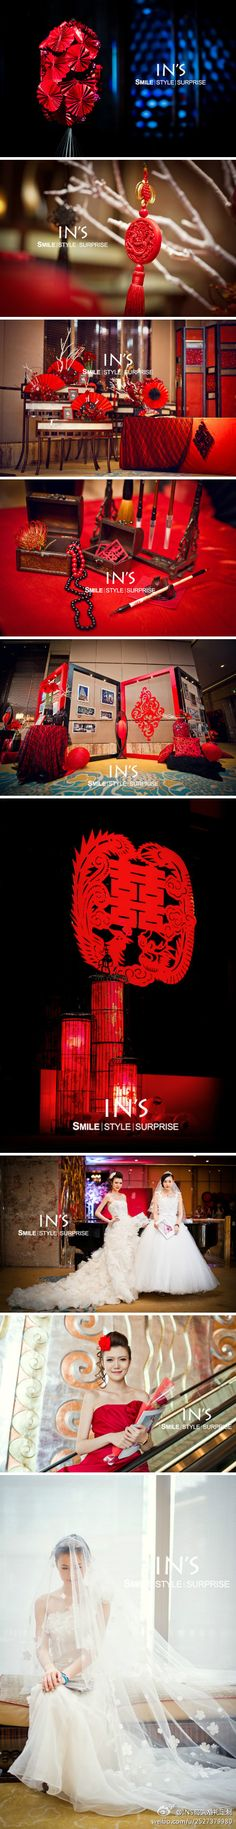 《红》主题...来自he1pme的图片分享-堆糖网